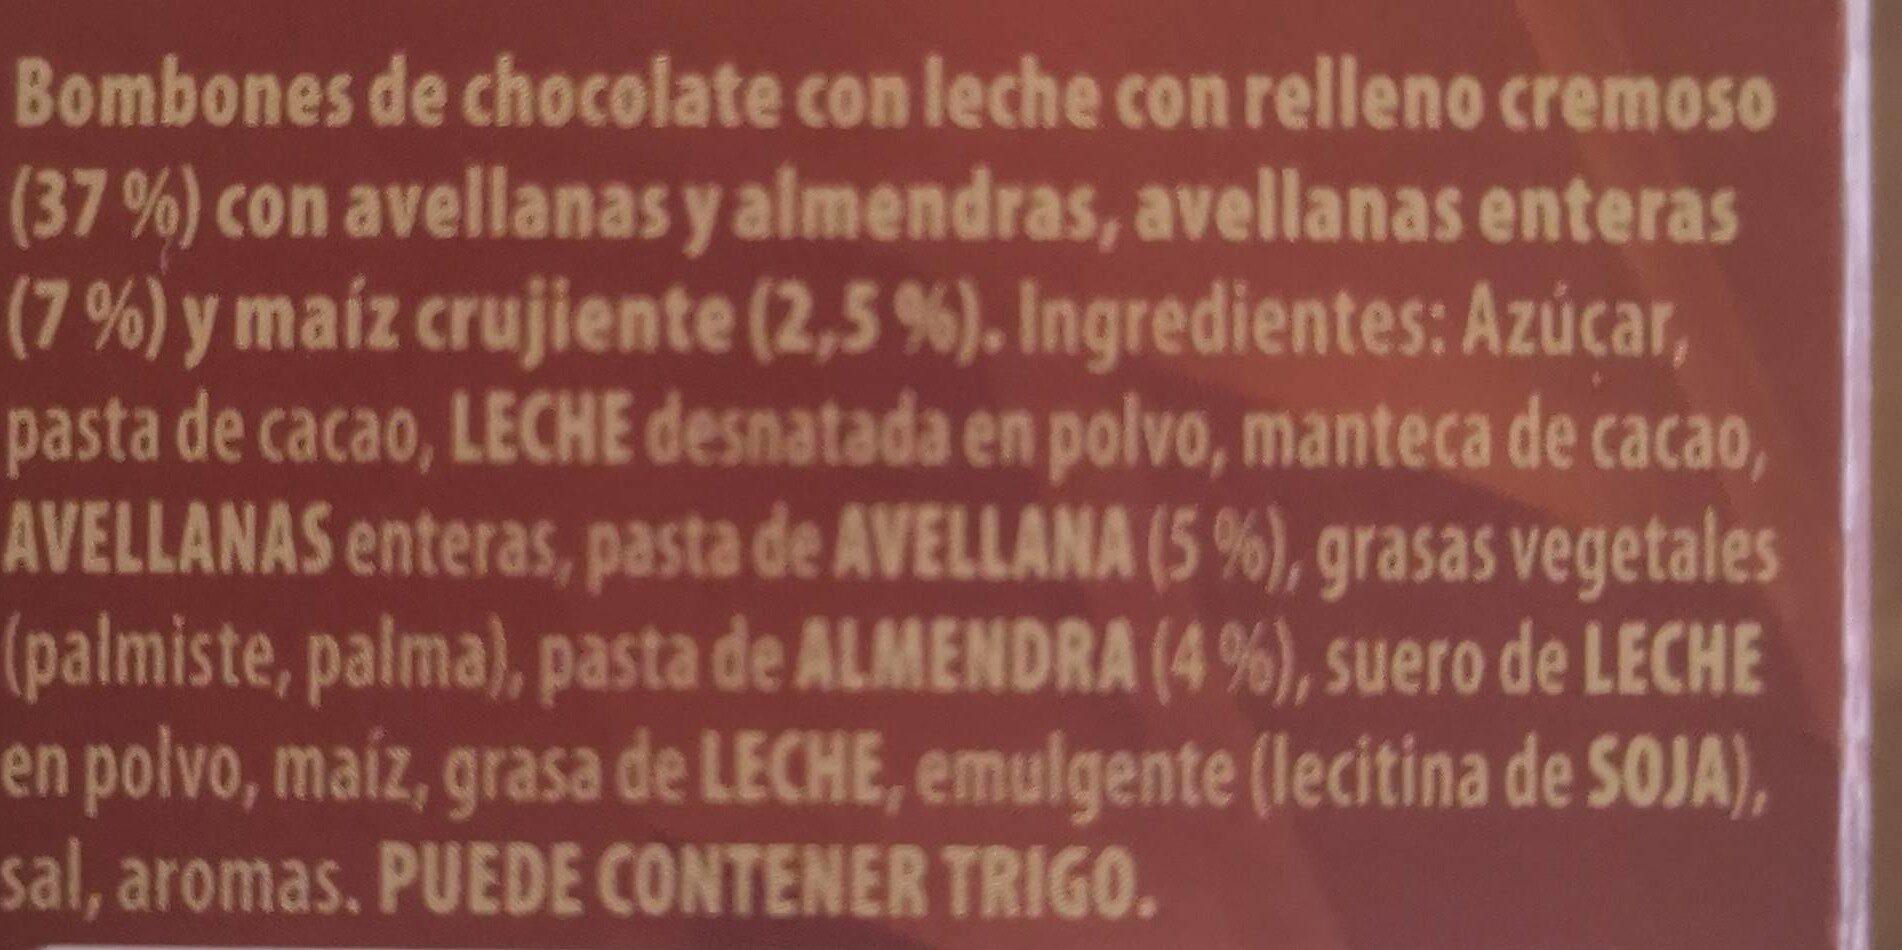 Bon-bon praliné - Ingredients